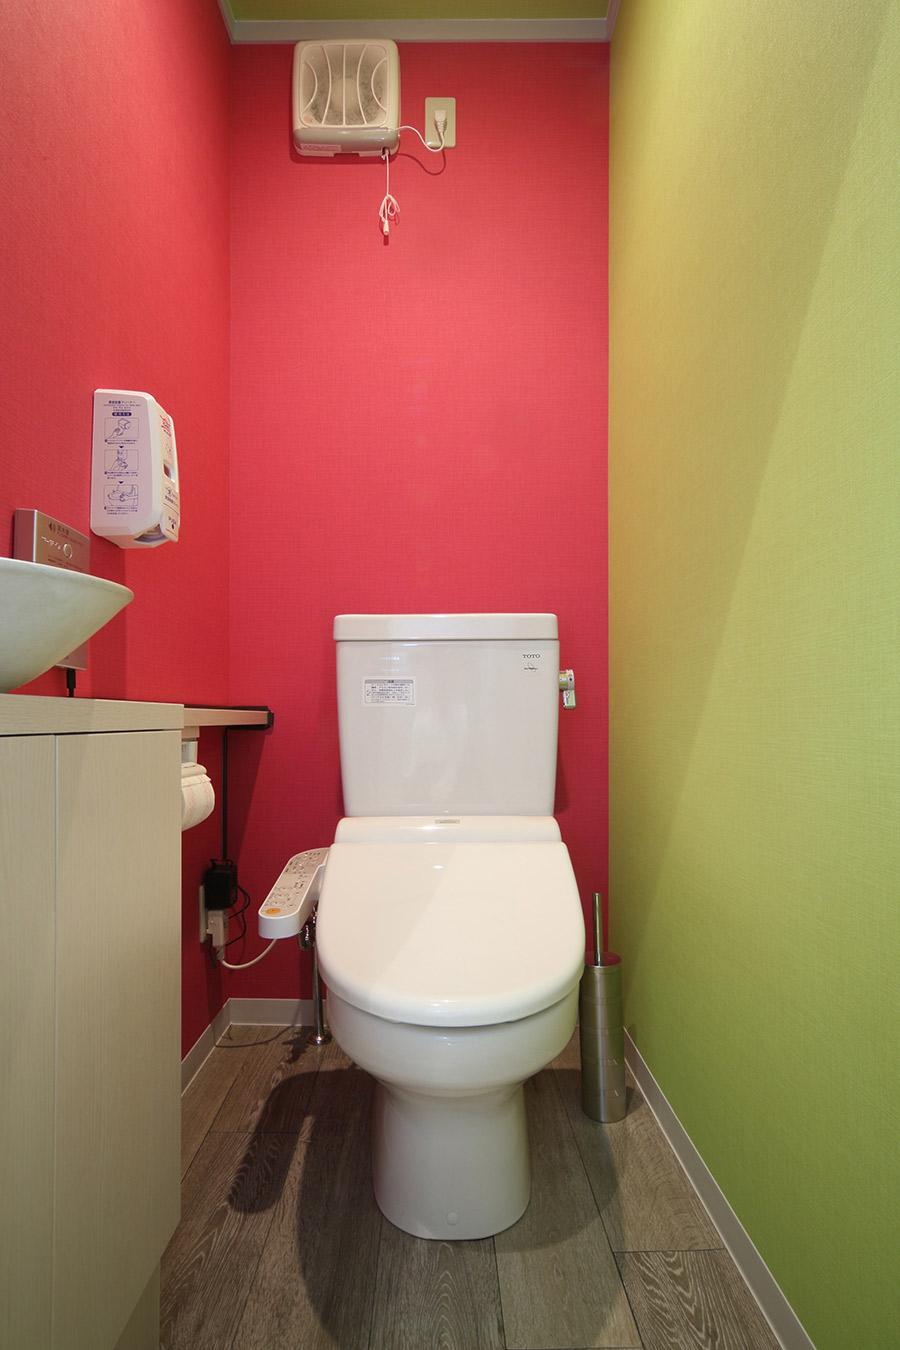 ネイルサロンのかわいいトイレ